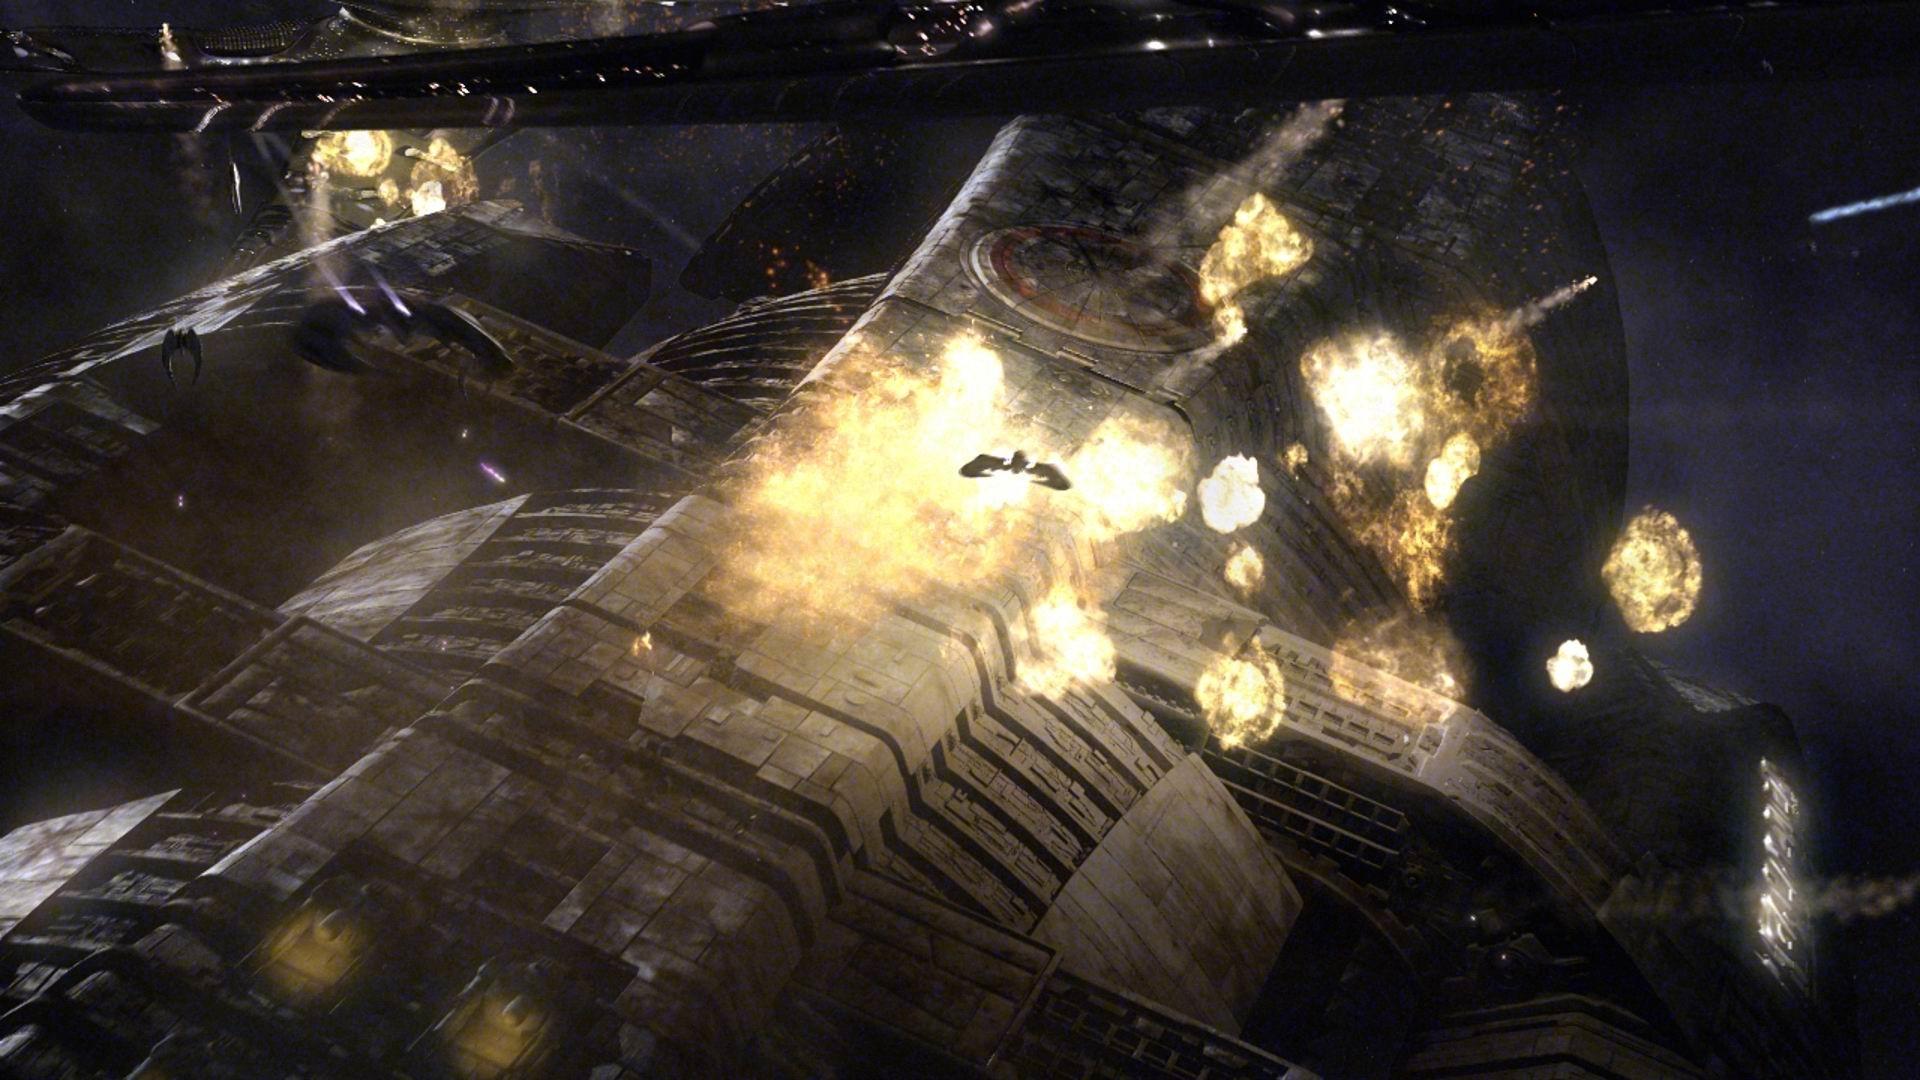 Battlestar Galactica spaceships vehicles cylon Zylon wallpaper      213441   WallpaperUP